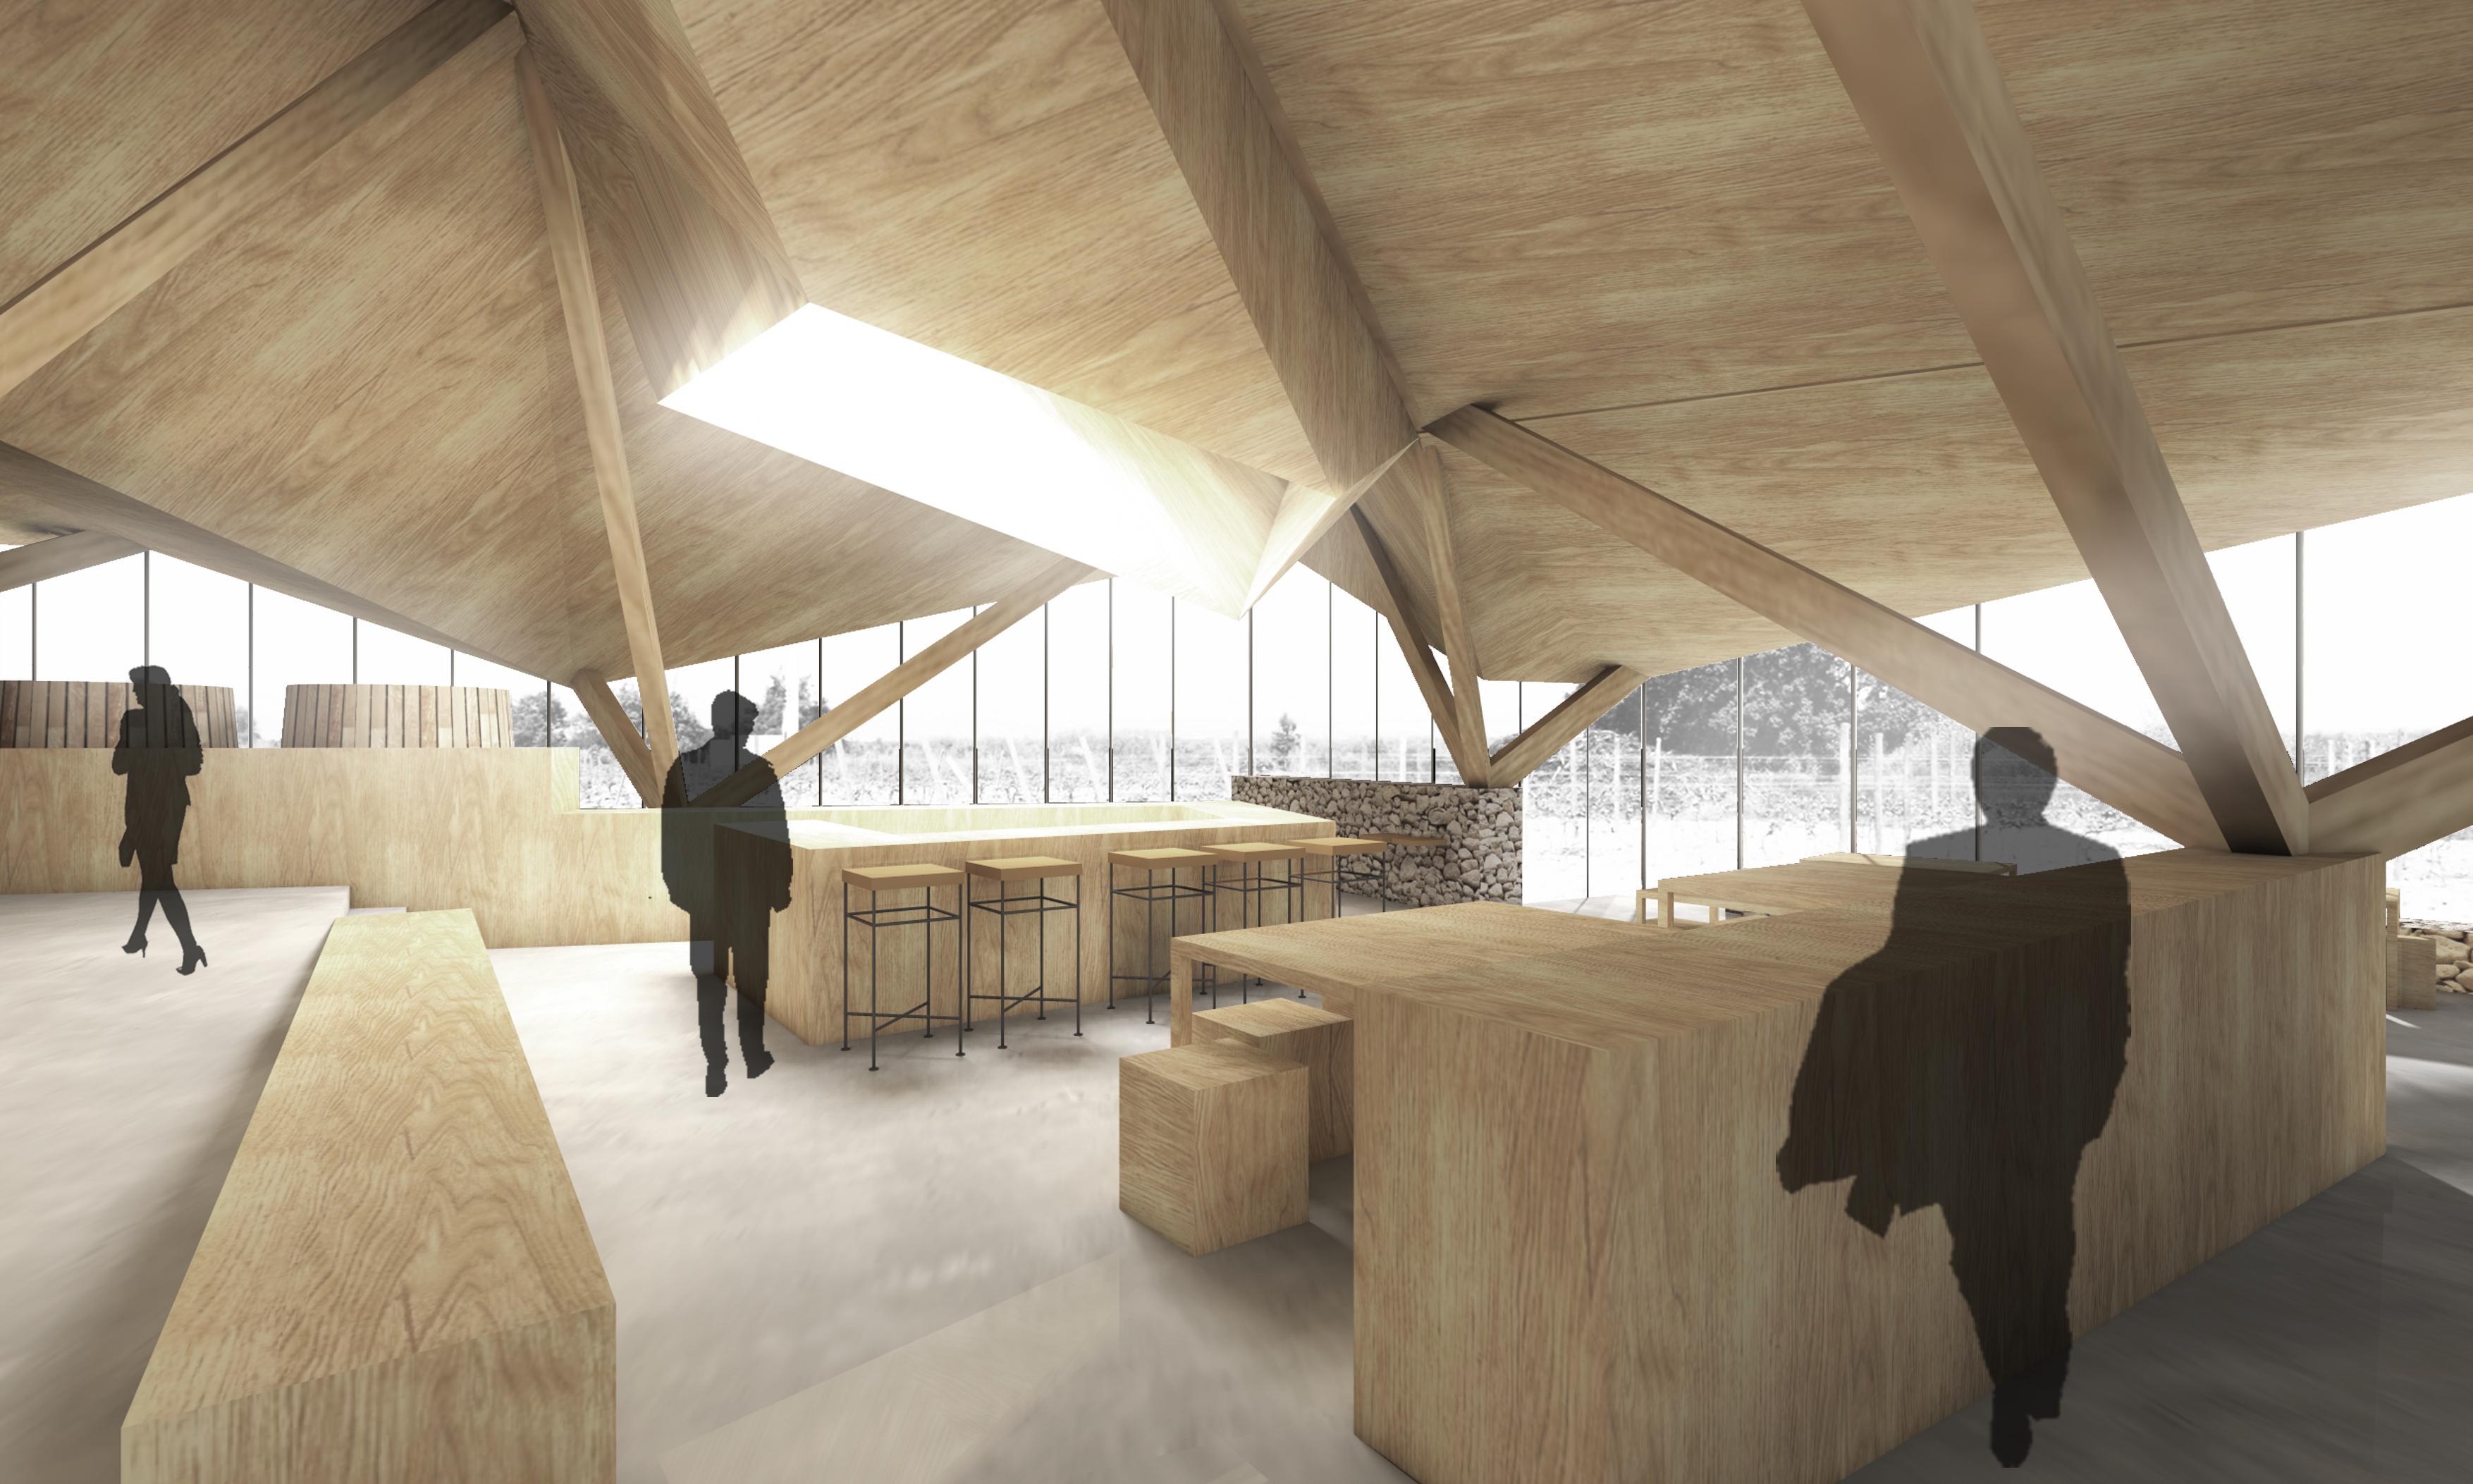 Sala Ferusic Architects Tramontana Carles Sala Relja Ferusic